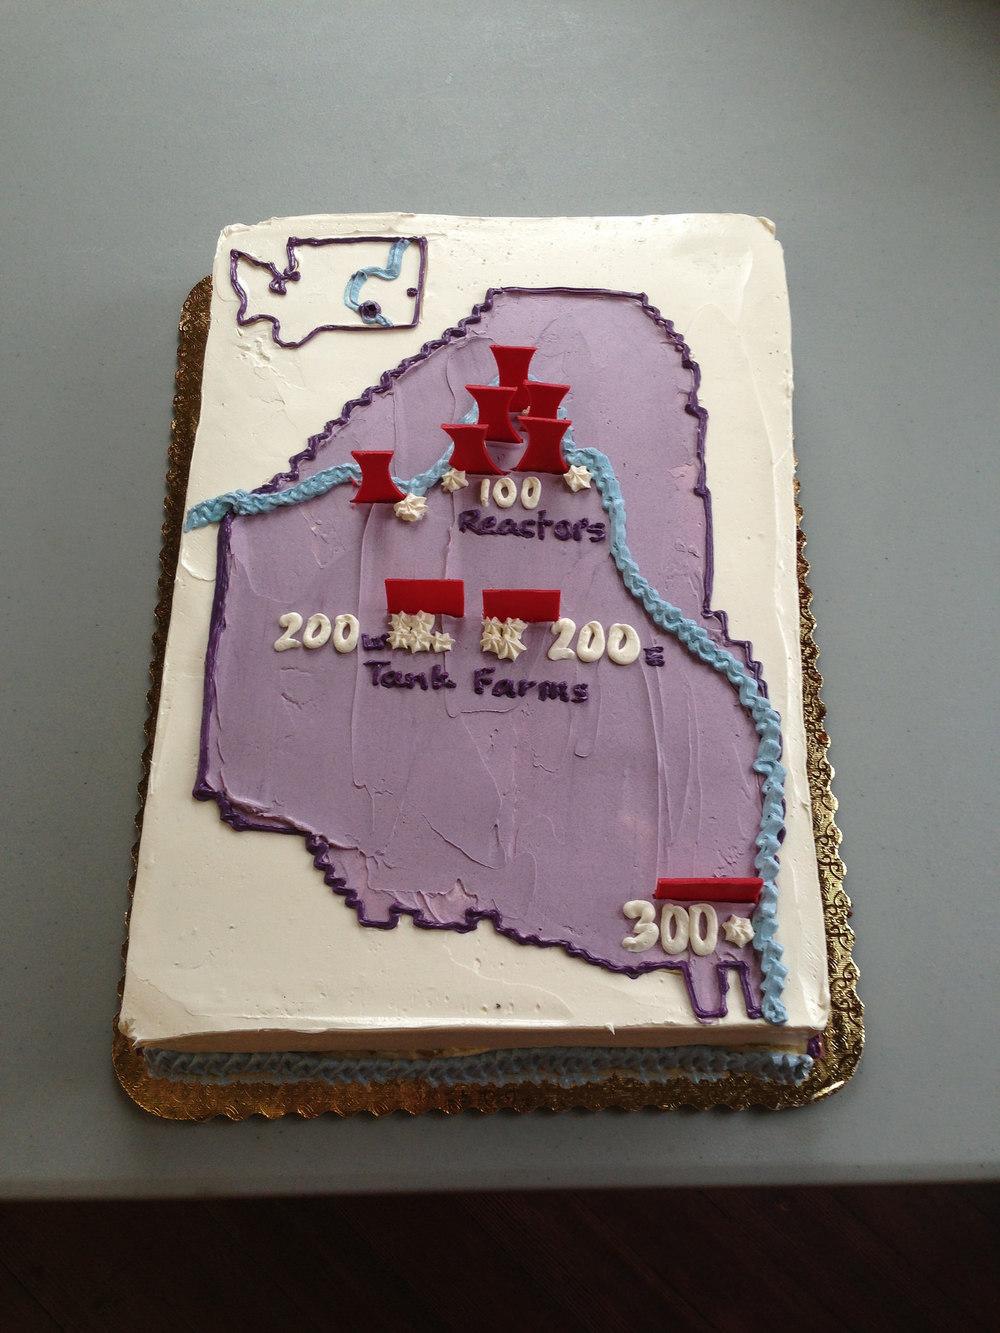 Hanford Cake